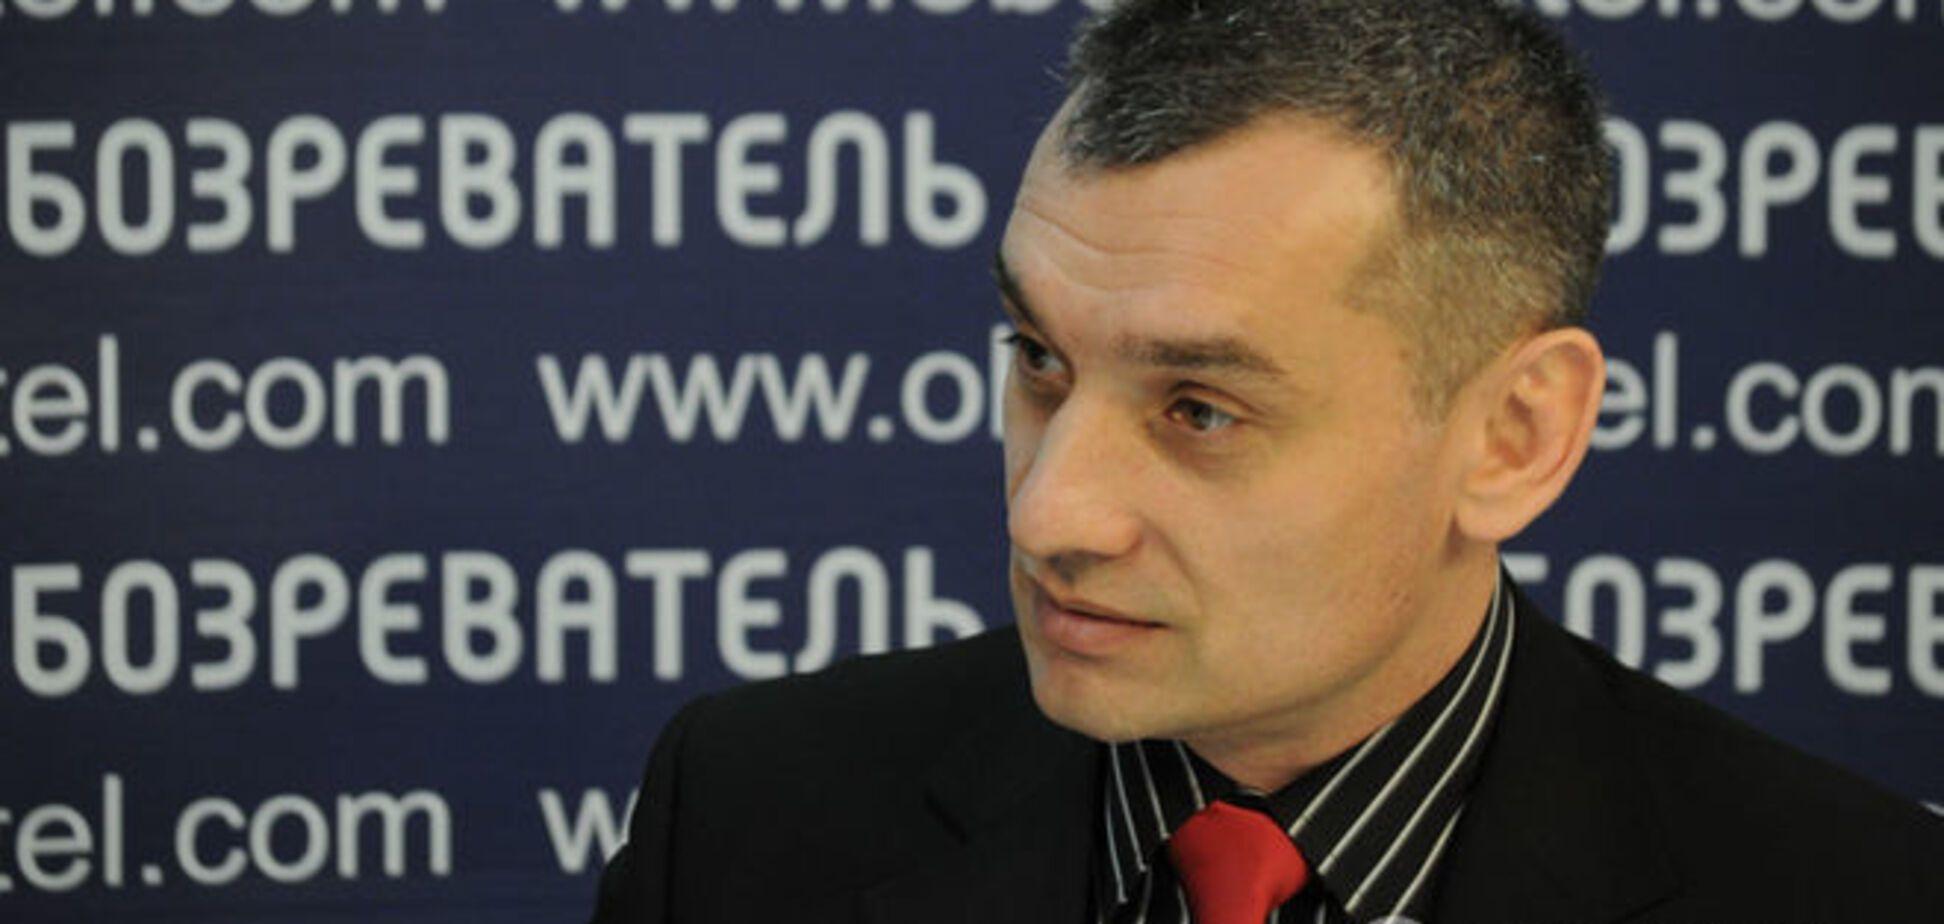 Ташбаев рассказал о комплексе неполноценности Путина